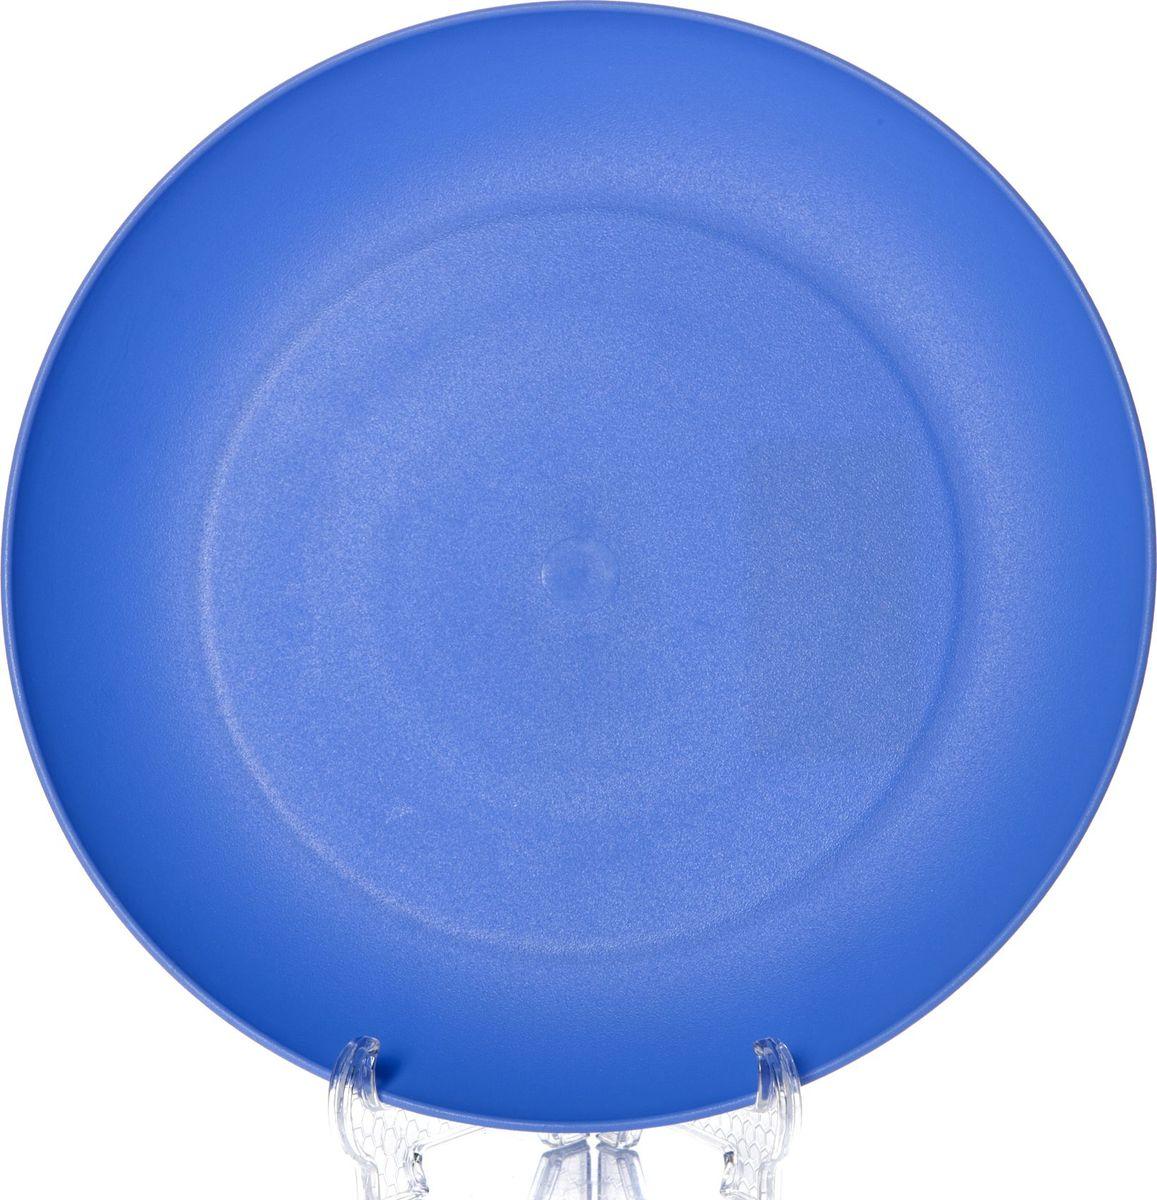 Тарелка Gotoff, диаметр 20,3 см. WTC-27154 009312Тарелка круглая 203*18